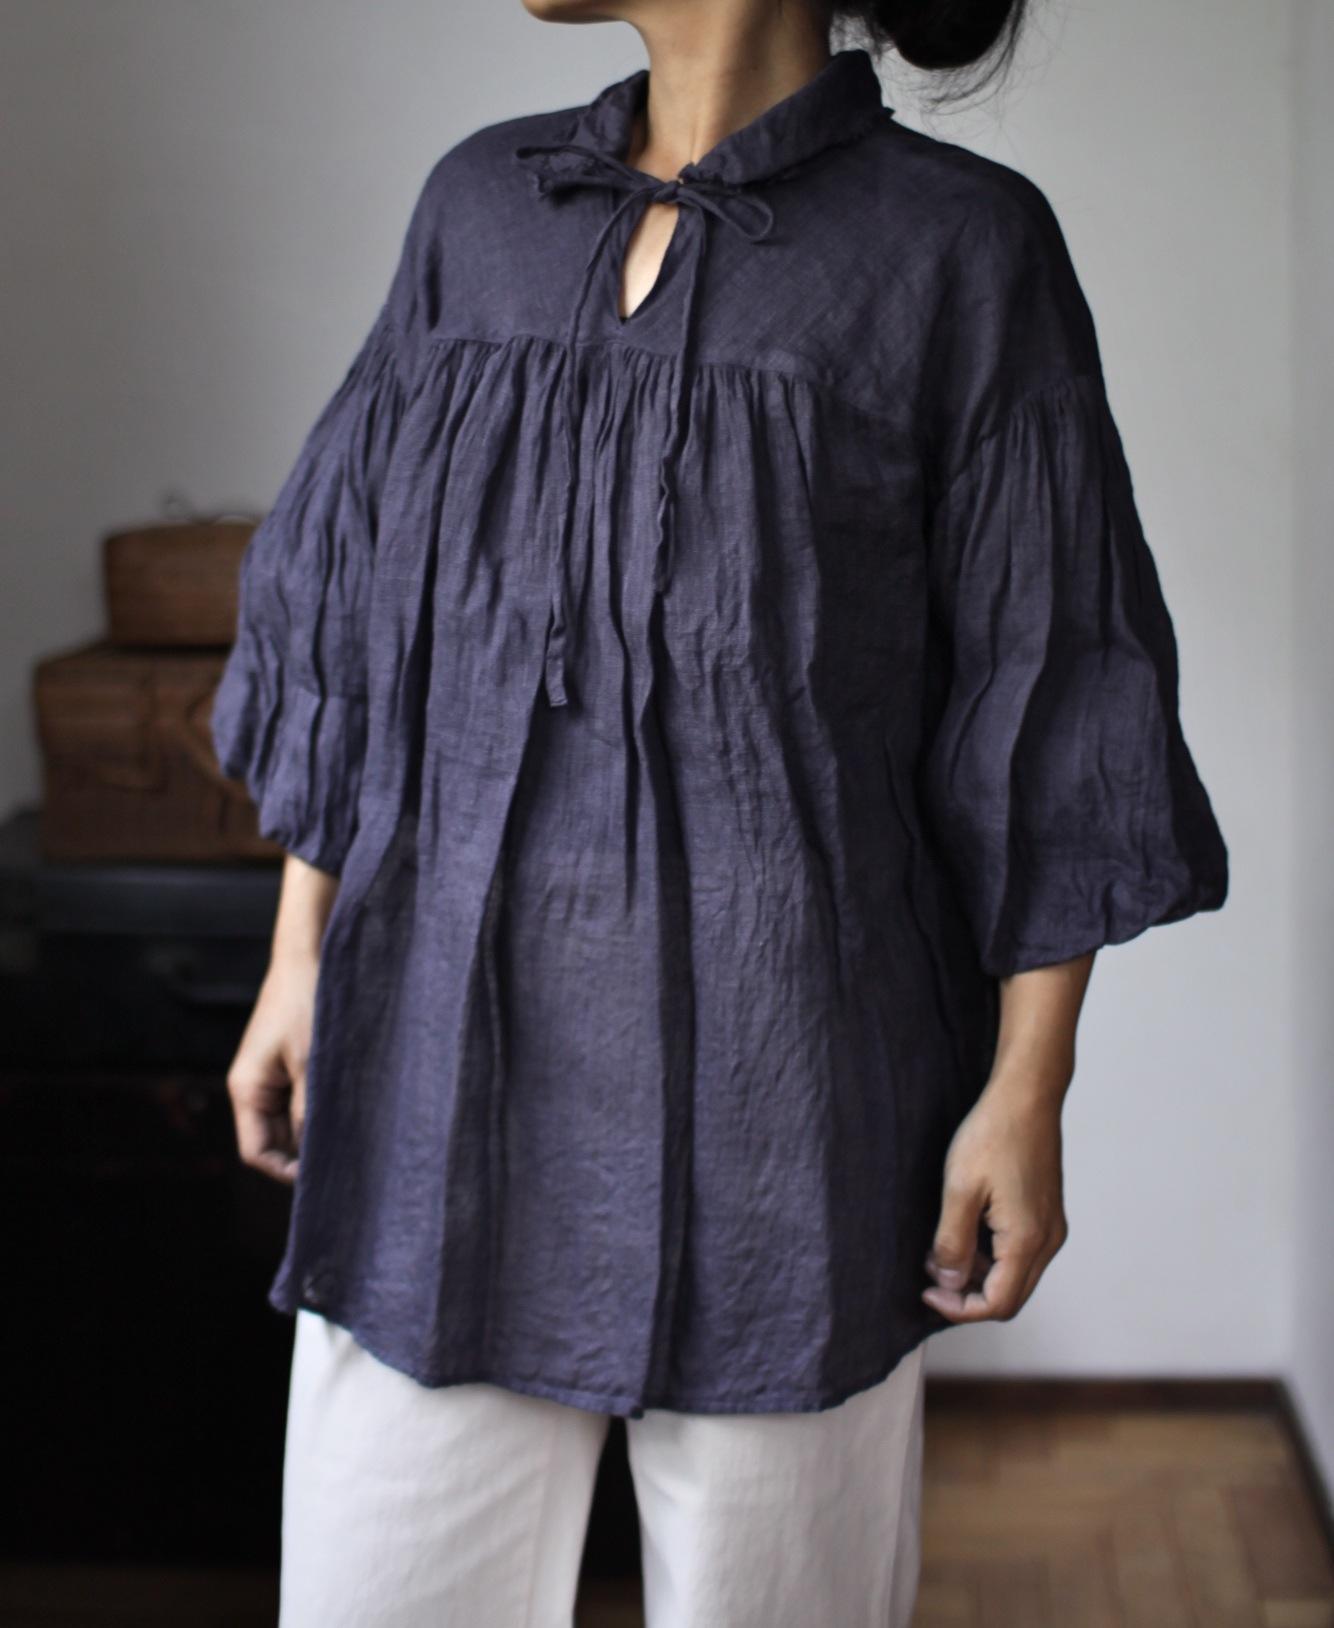 2015 Spring/Summer リネンシングルガーゼのブラウス Linen gauze blouse(B-1531)ブドウ